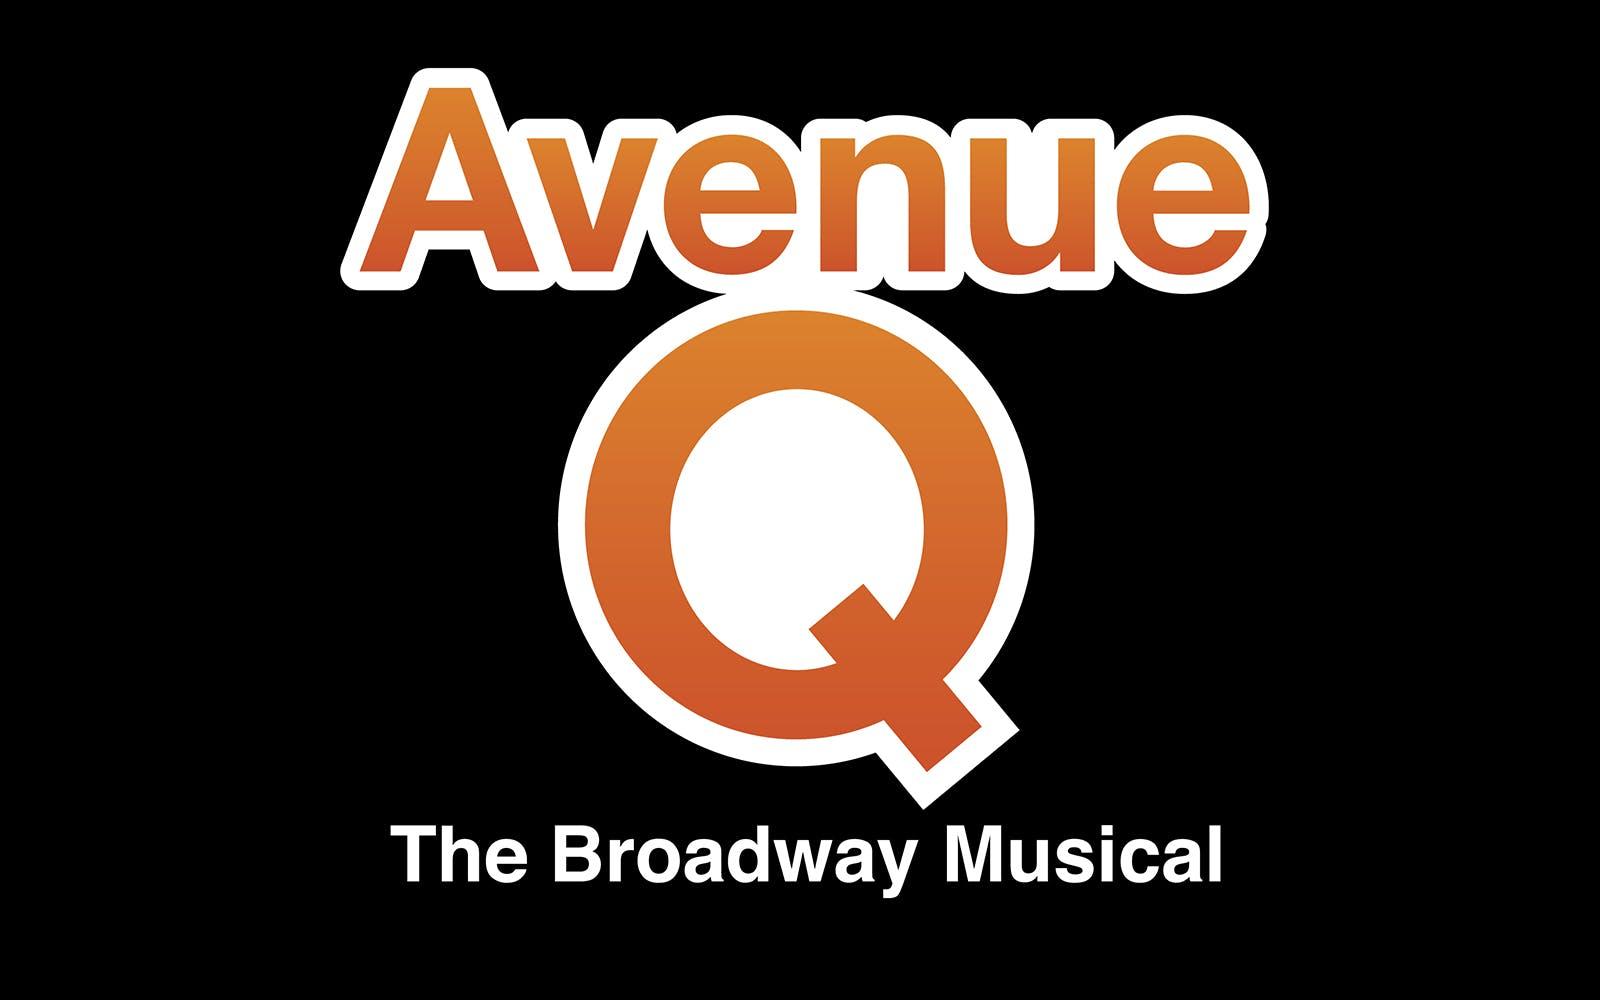 Avenue Q 2